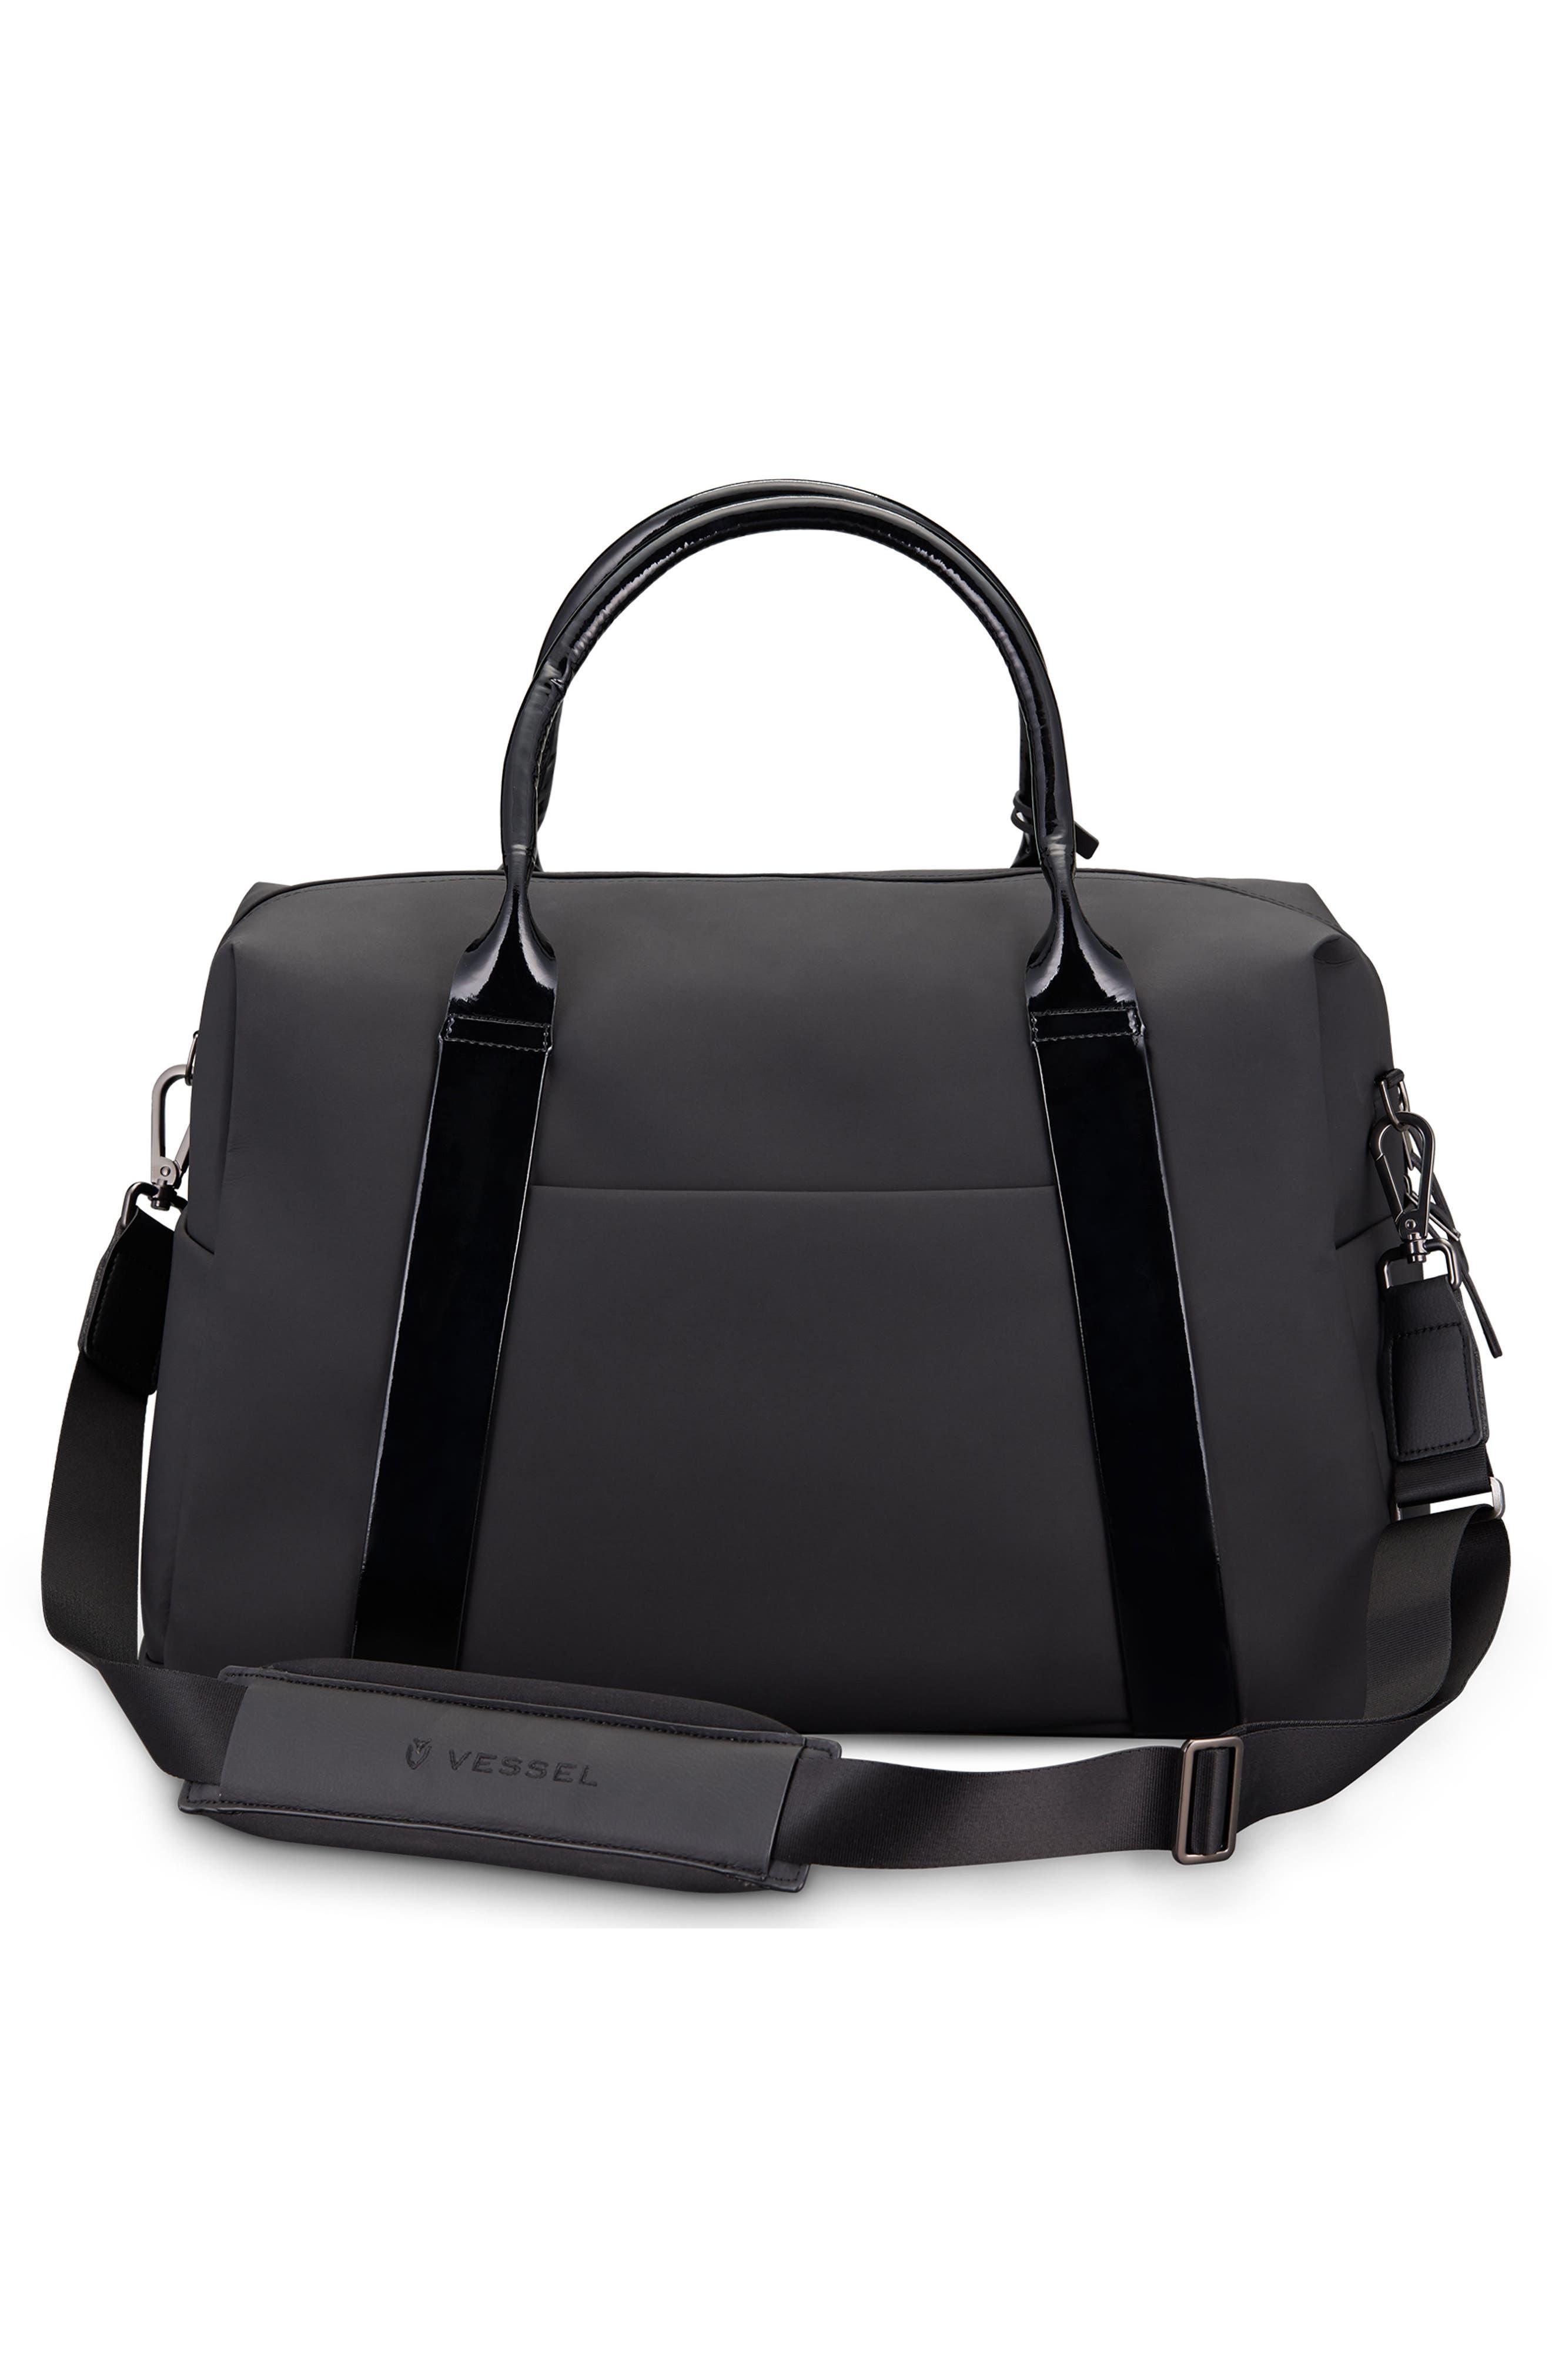 Signature 2.0 Faux Leather Duffel Bag,                             Alternate thumbnail 2, color,                             MATTE/ PATENT BLACK